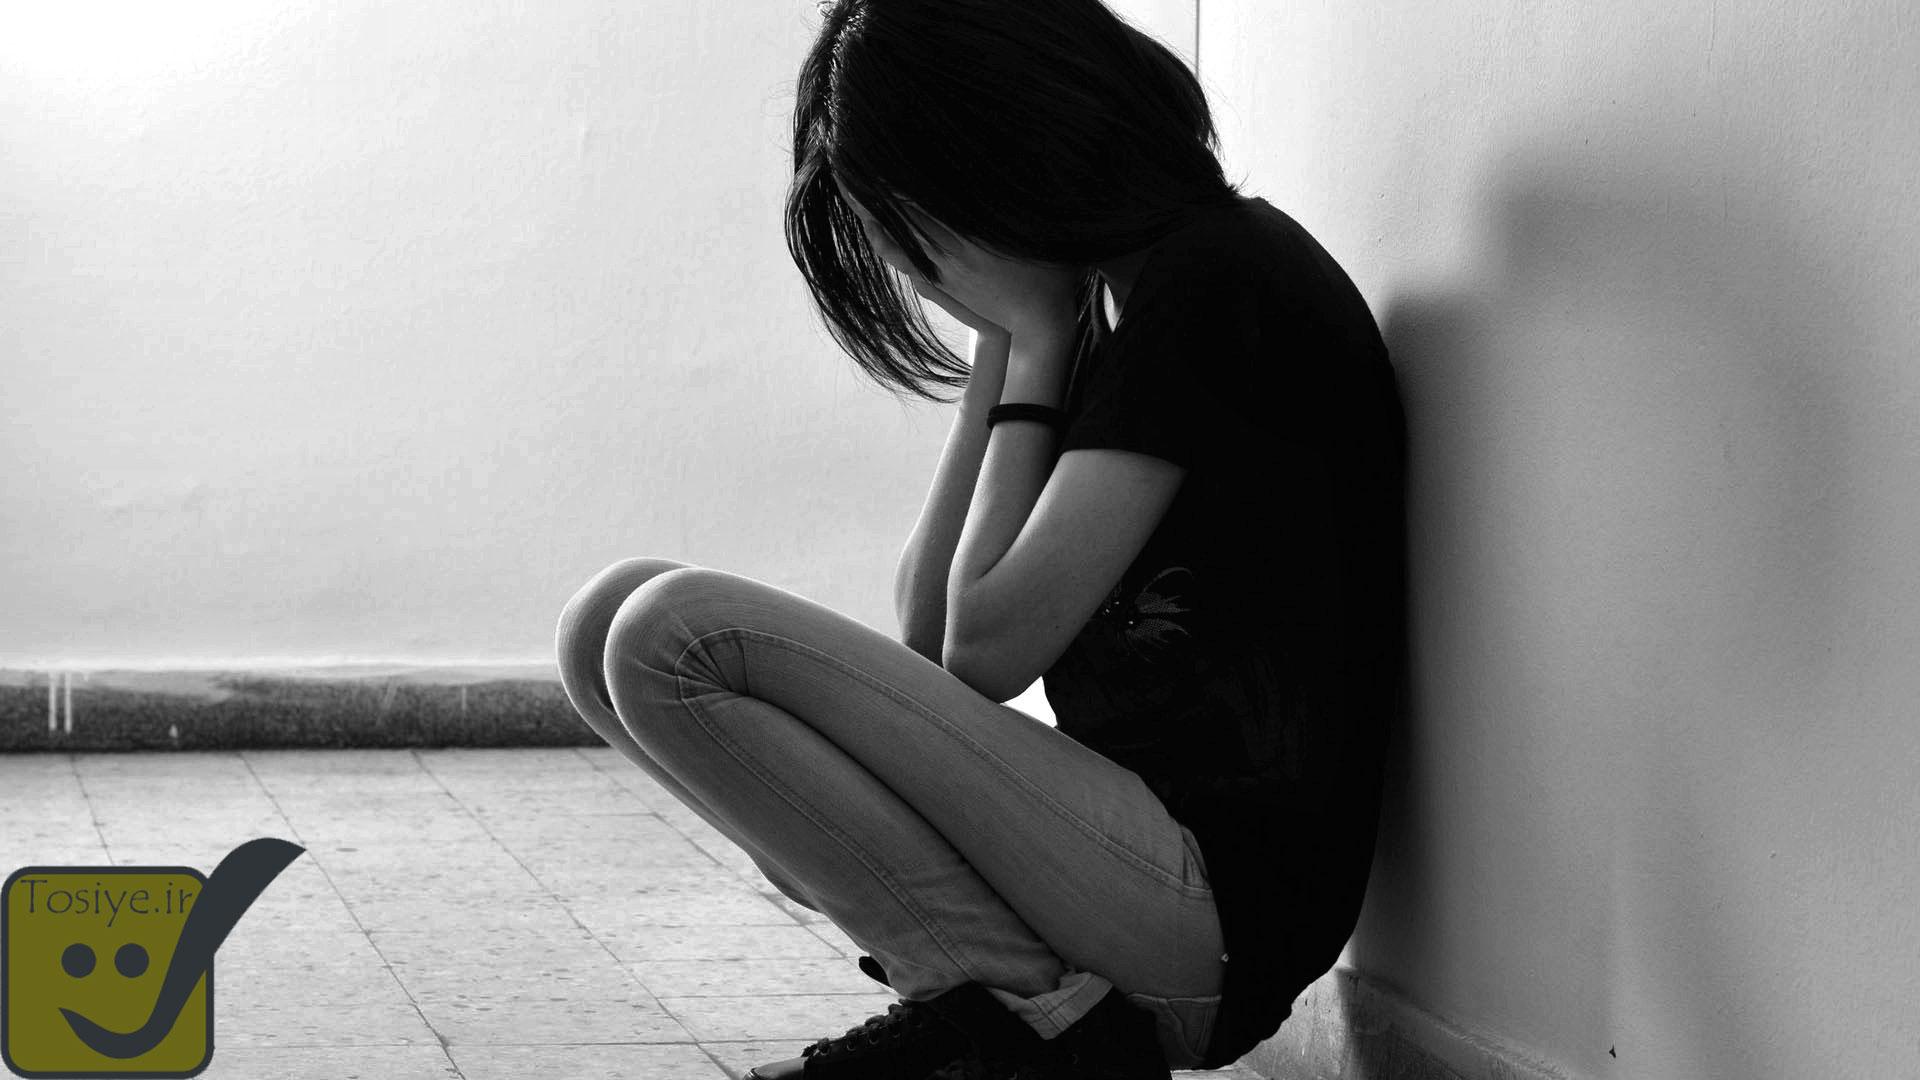 توصیه هایی به اشخاص افسرده